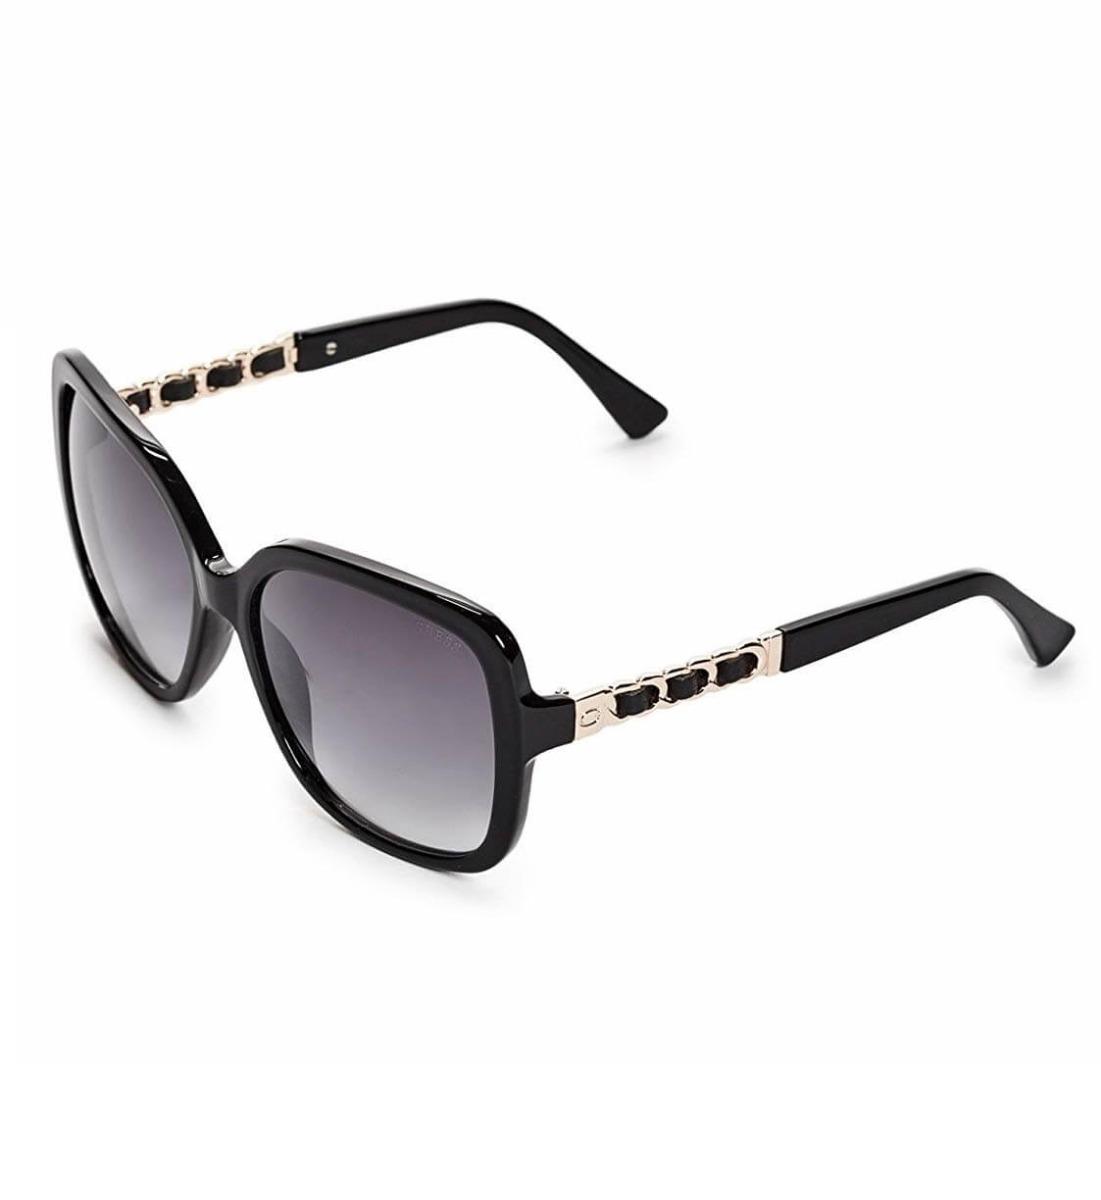 en venta c8c25 2e0a4 Gafas De Sol Cuadradas Trenzadas Para Mujer Guess Factory Ne